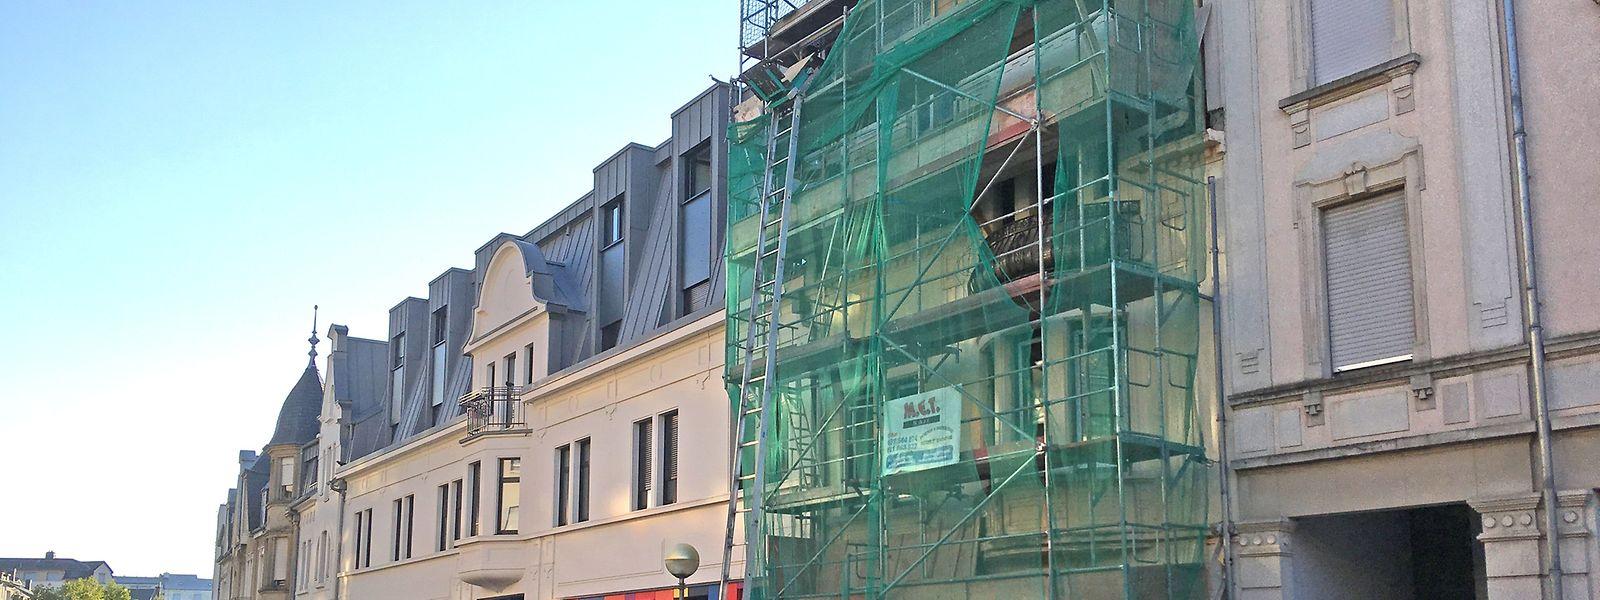 Am Dienstag kehrte langsam wieder Ruhe ein in der Rue du Canal.